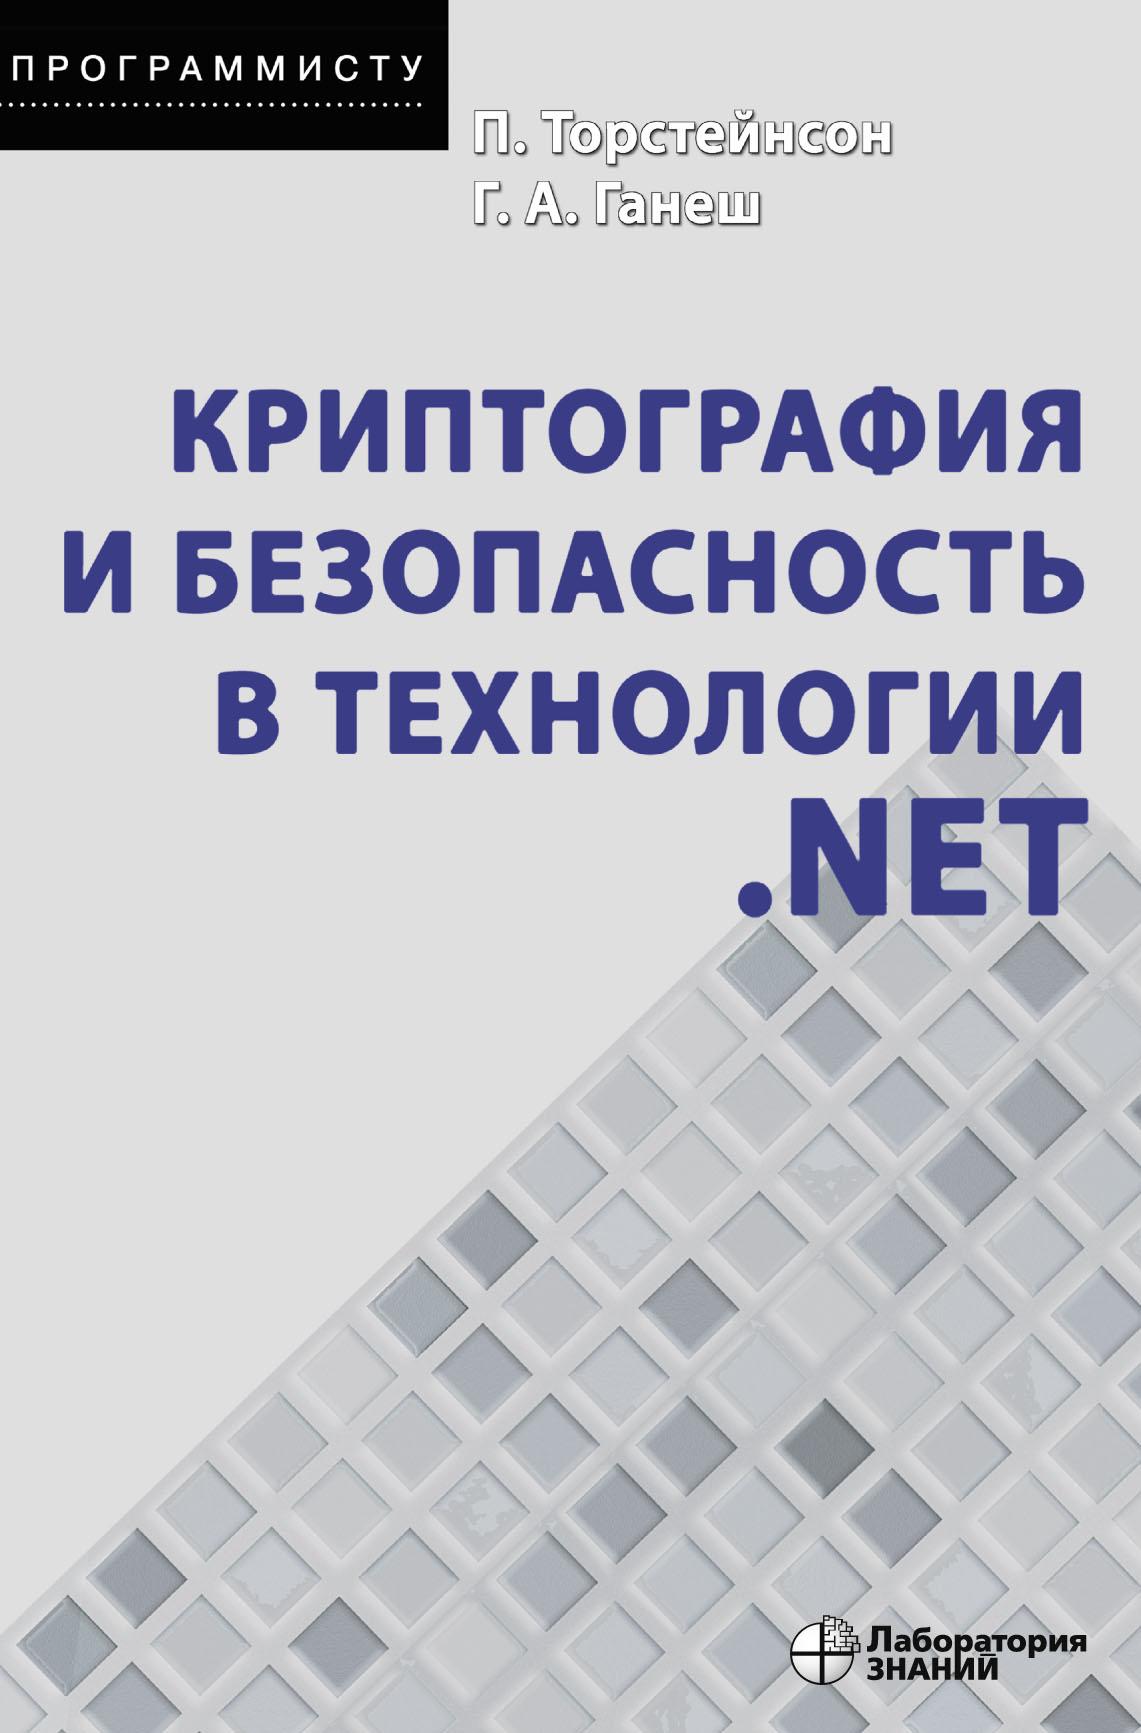 Питер Торстейнсон Криптография и безопасность в технологии .NET xml net